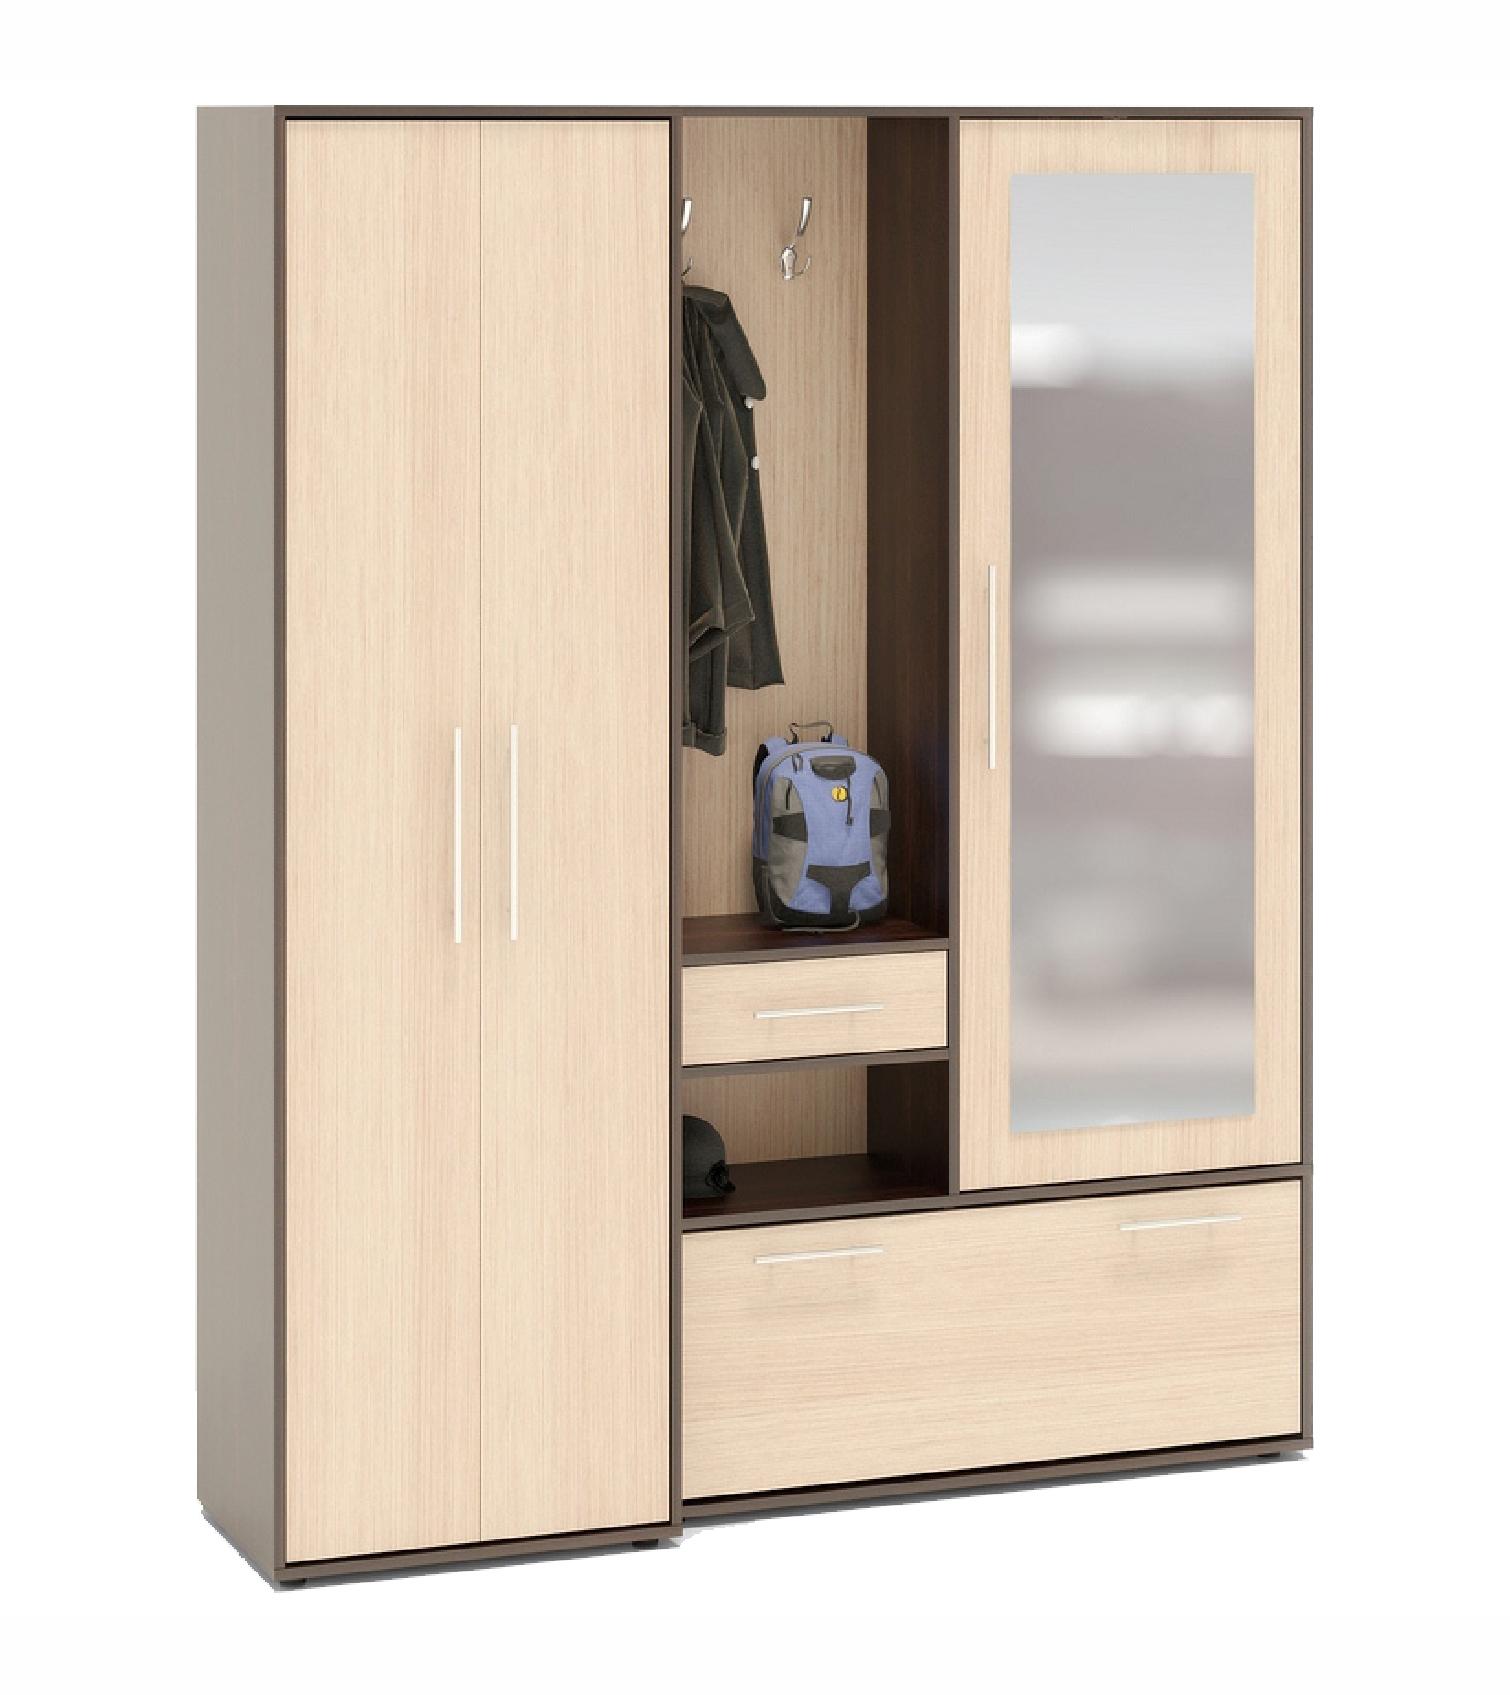 Прихожая Мальта LПрихожие<br>Размер: 1650х2020х430<br><br>Материалы: ЛДСП Kronospan - 16 мм., кромка ПВХ - 0,4 мм., зеркало<br>Полный размер (ДхВхГ): 1650х2020х430<br>Наполнение шкафа: Платьяные шкафы<br>Примечание: Доставляется в разобранном виде<br>Изготовление и доставка: 10-14 дней<br>Условия доставки: Бесплатная по Москве до подъезда<br>Условие оплаты: Оплата наличными при получении товара<br>Доставка по МО (за пределами МКАД): 30 руб./км<br>Доставка в пределах ТТК: Доставка в центр Москвы осуществляется ночью, с 22.00 до 6.00 утра<br>Подъем на грузовом лифте: 500 руб.<br>Подъем без лифта: 250 руб./этаж включая первый<br>Сборка: 10% от стоимости изделия, но не менее 1,000 руб.<br>Гарантия: 12 месяцев<br>Производство: Россия<br>Производитель: Grey